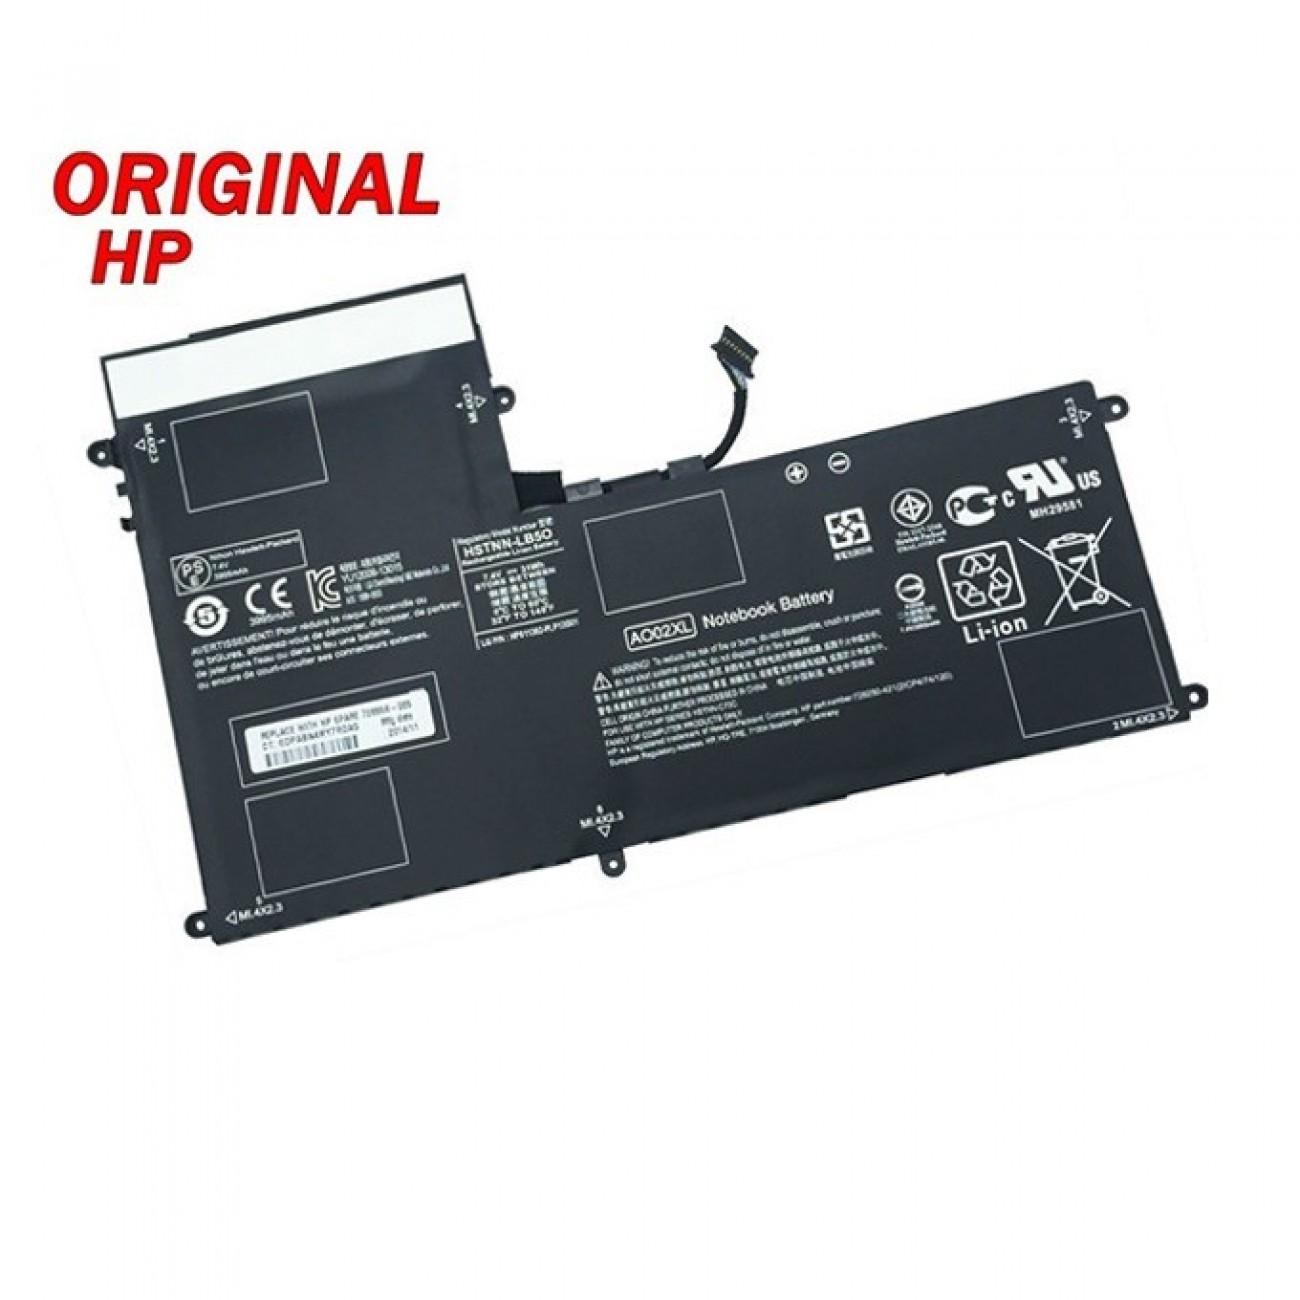 Батерия ОРИГИНАЛНА HP ElitePad 1000/1000G2, 7.4V, 4000mAh, 39Wh в Батерии за Лаптоп -    Alleop